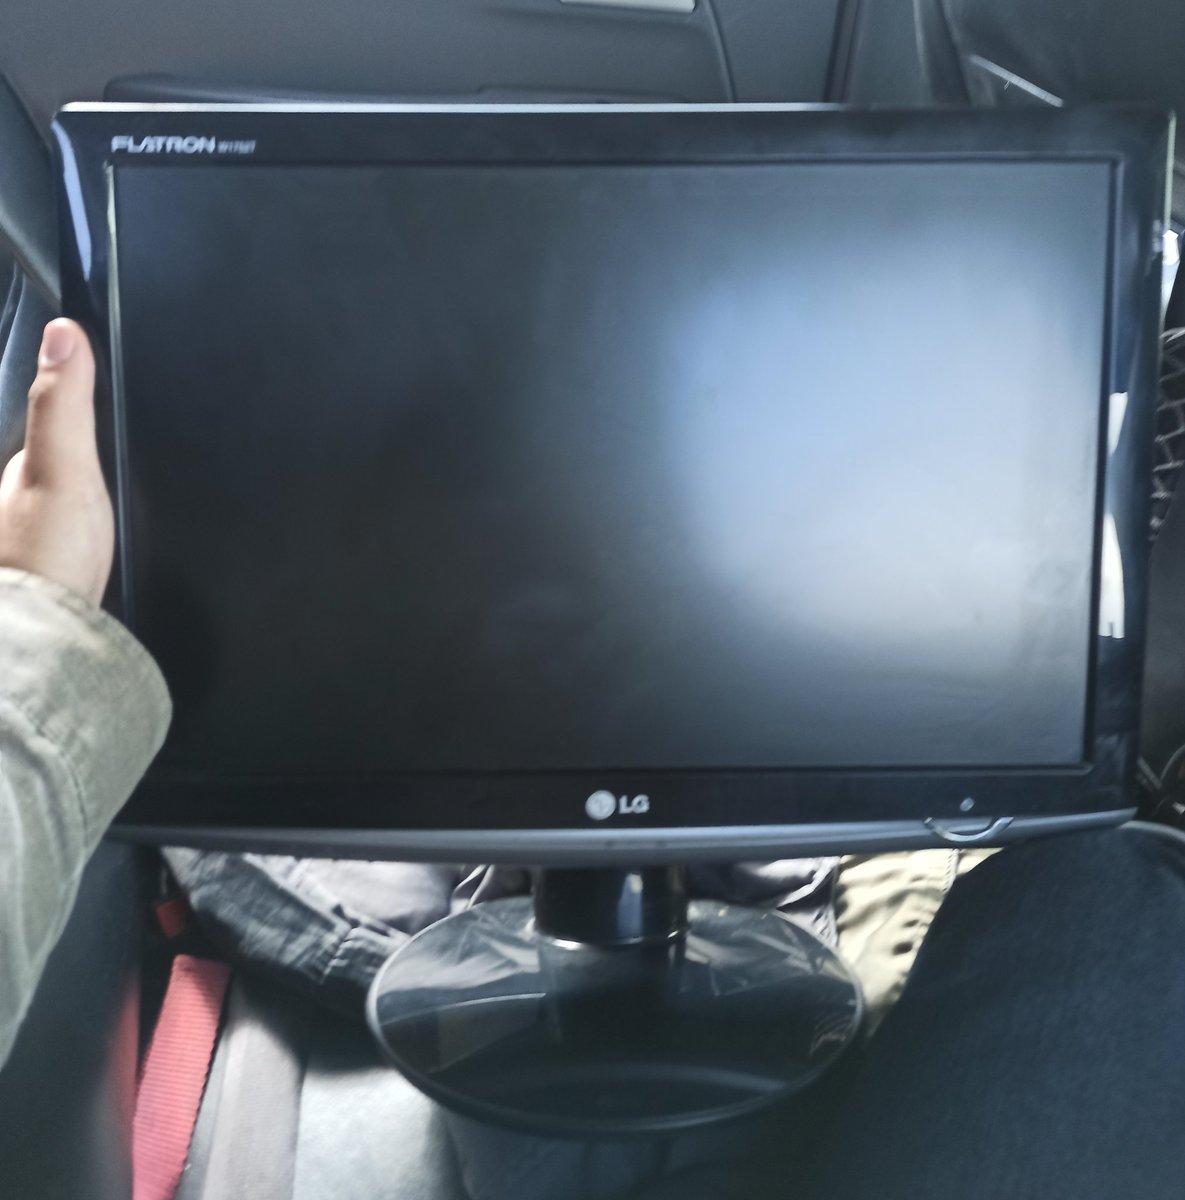 """Meu irmão fazendo negócios:  """"te dou 50 pila e 1 miojo por esse monitor""""   Comprado pic.twitter.com/AKoViaWoIc"""